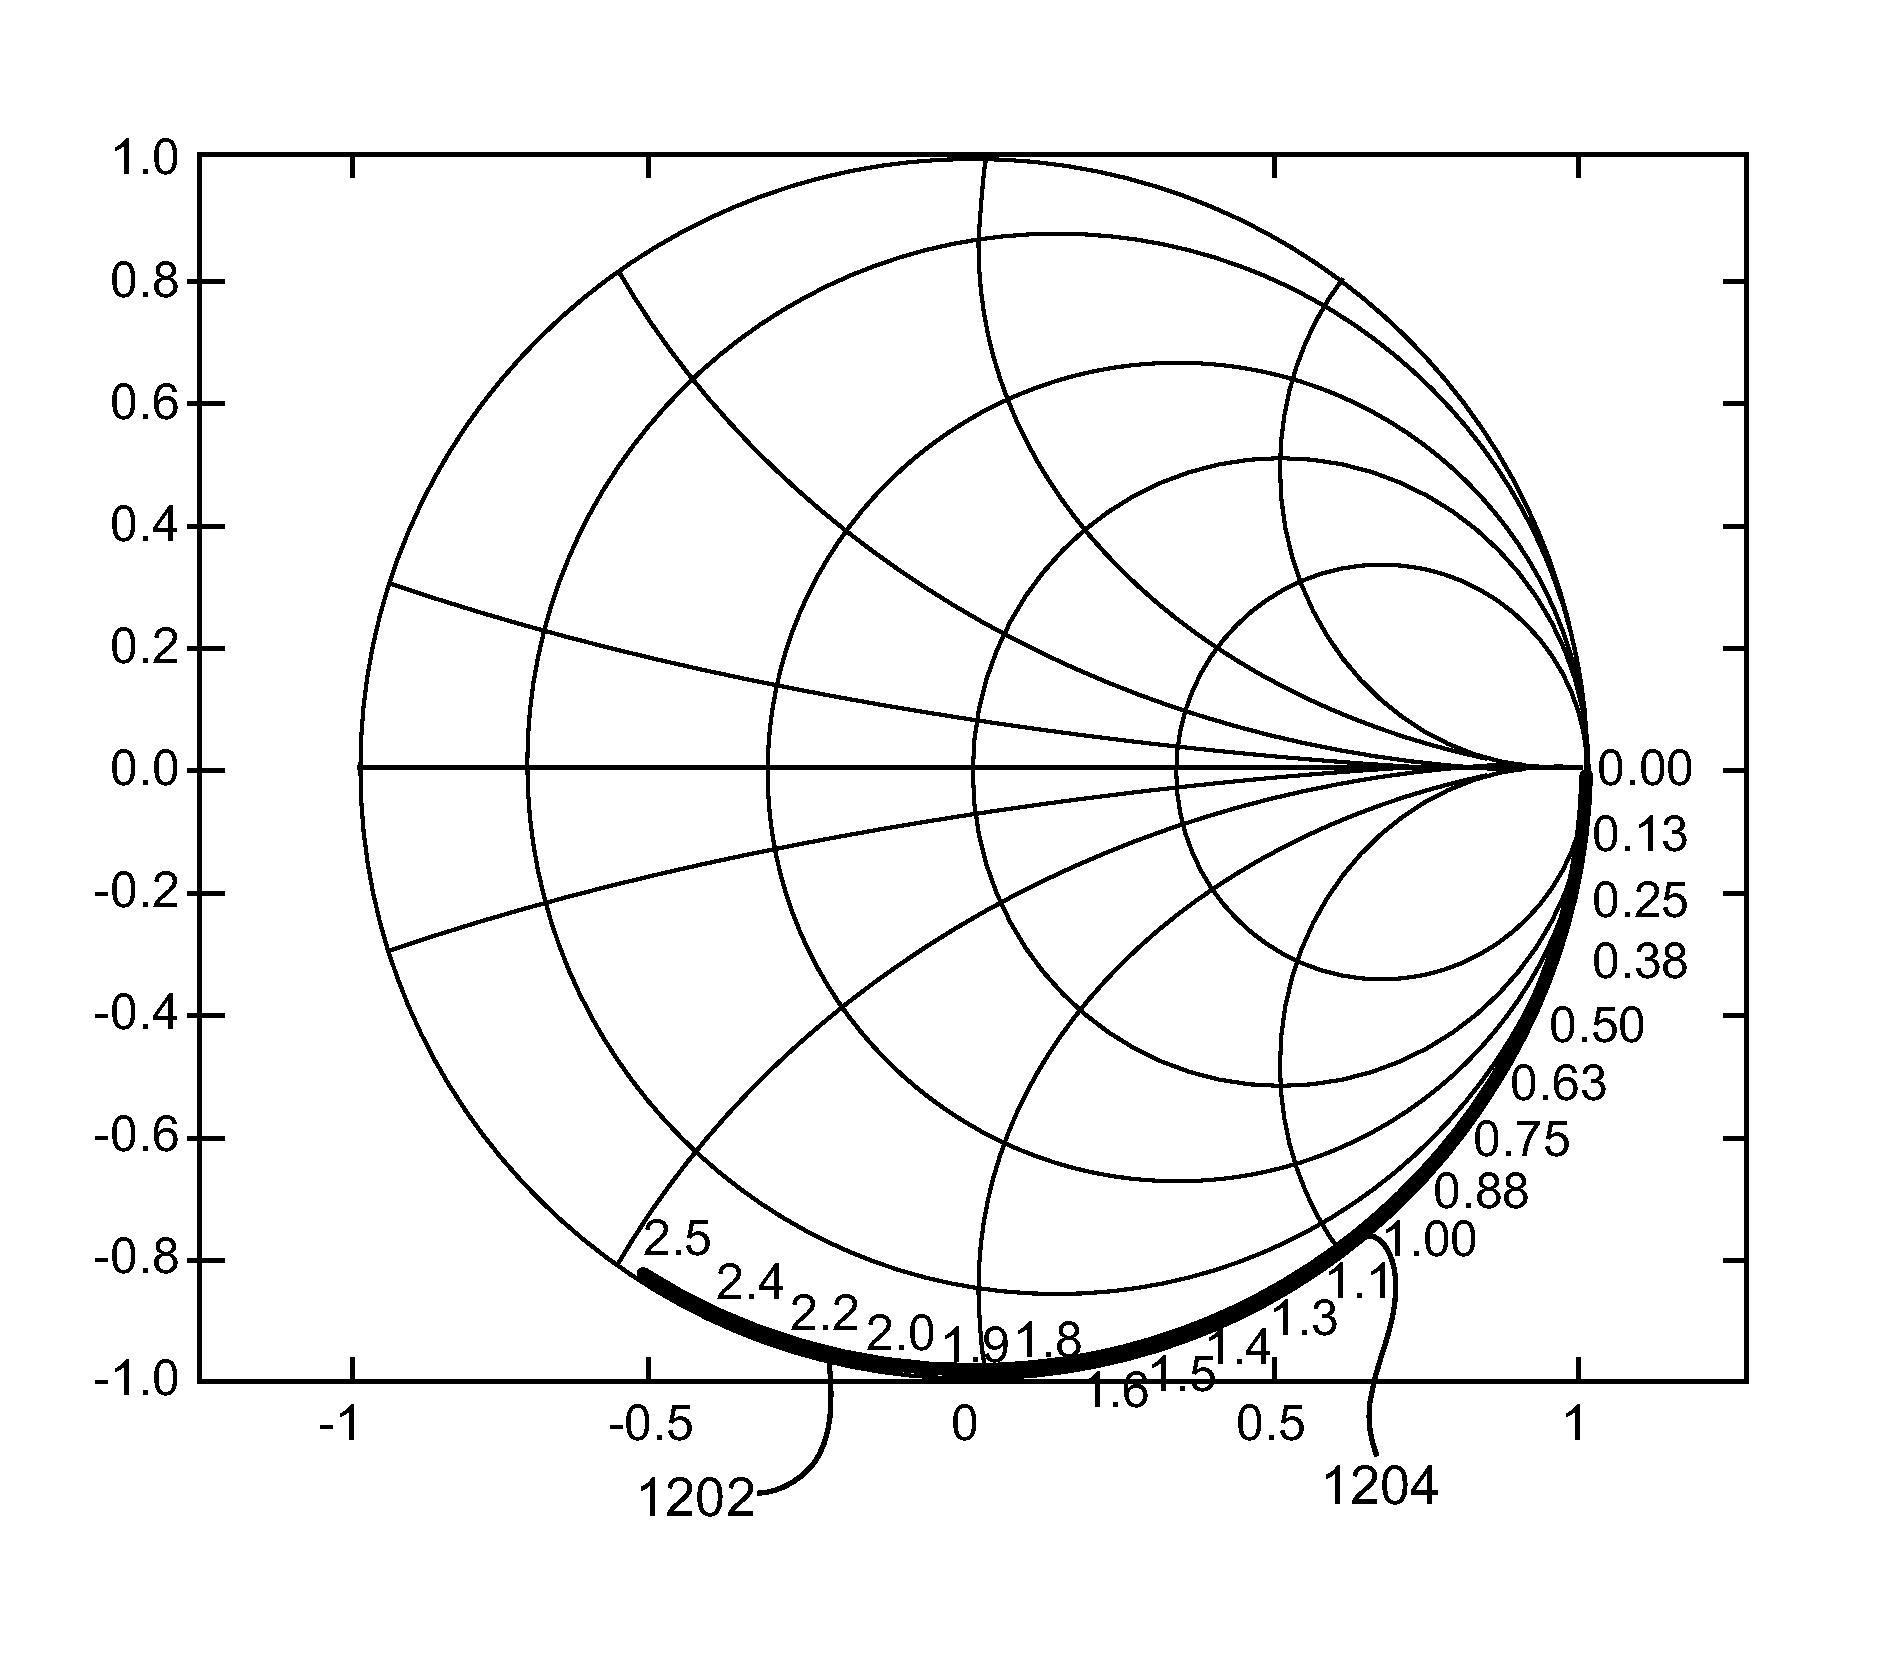 Ac Blower Motor Wiring Diagram Moreover Wiring Diagram On Mekecom